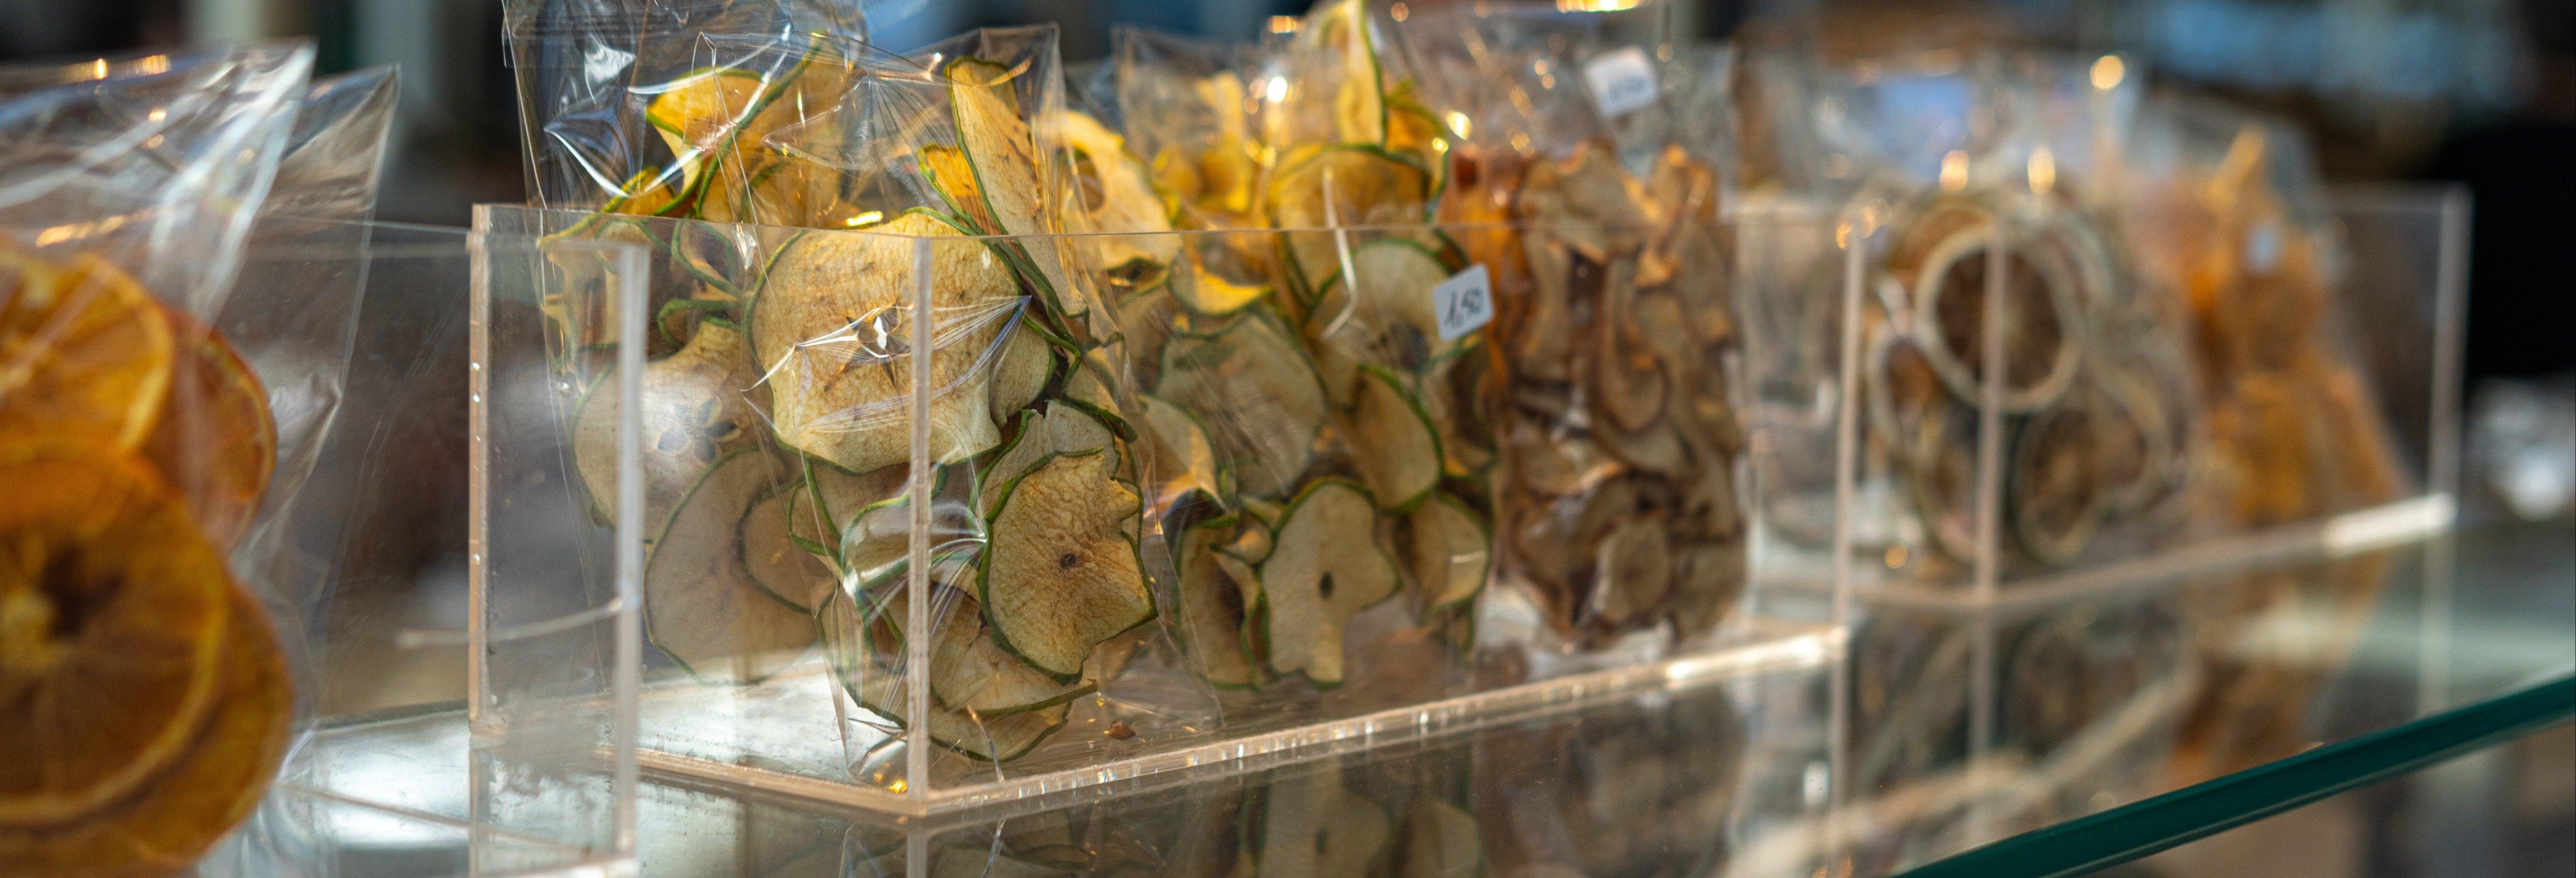 Visite gastronomique dans Porto